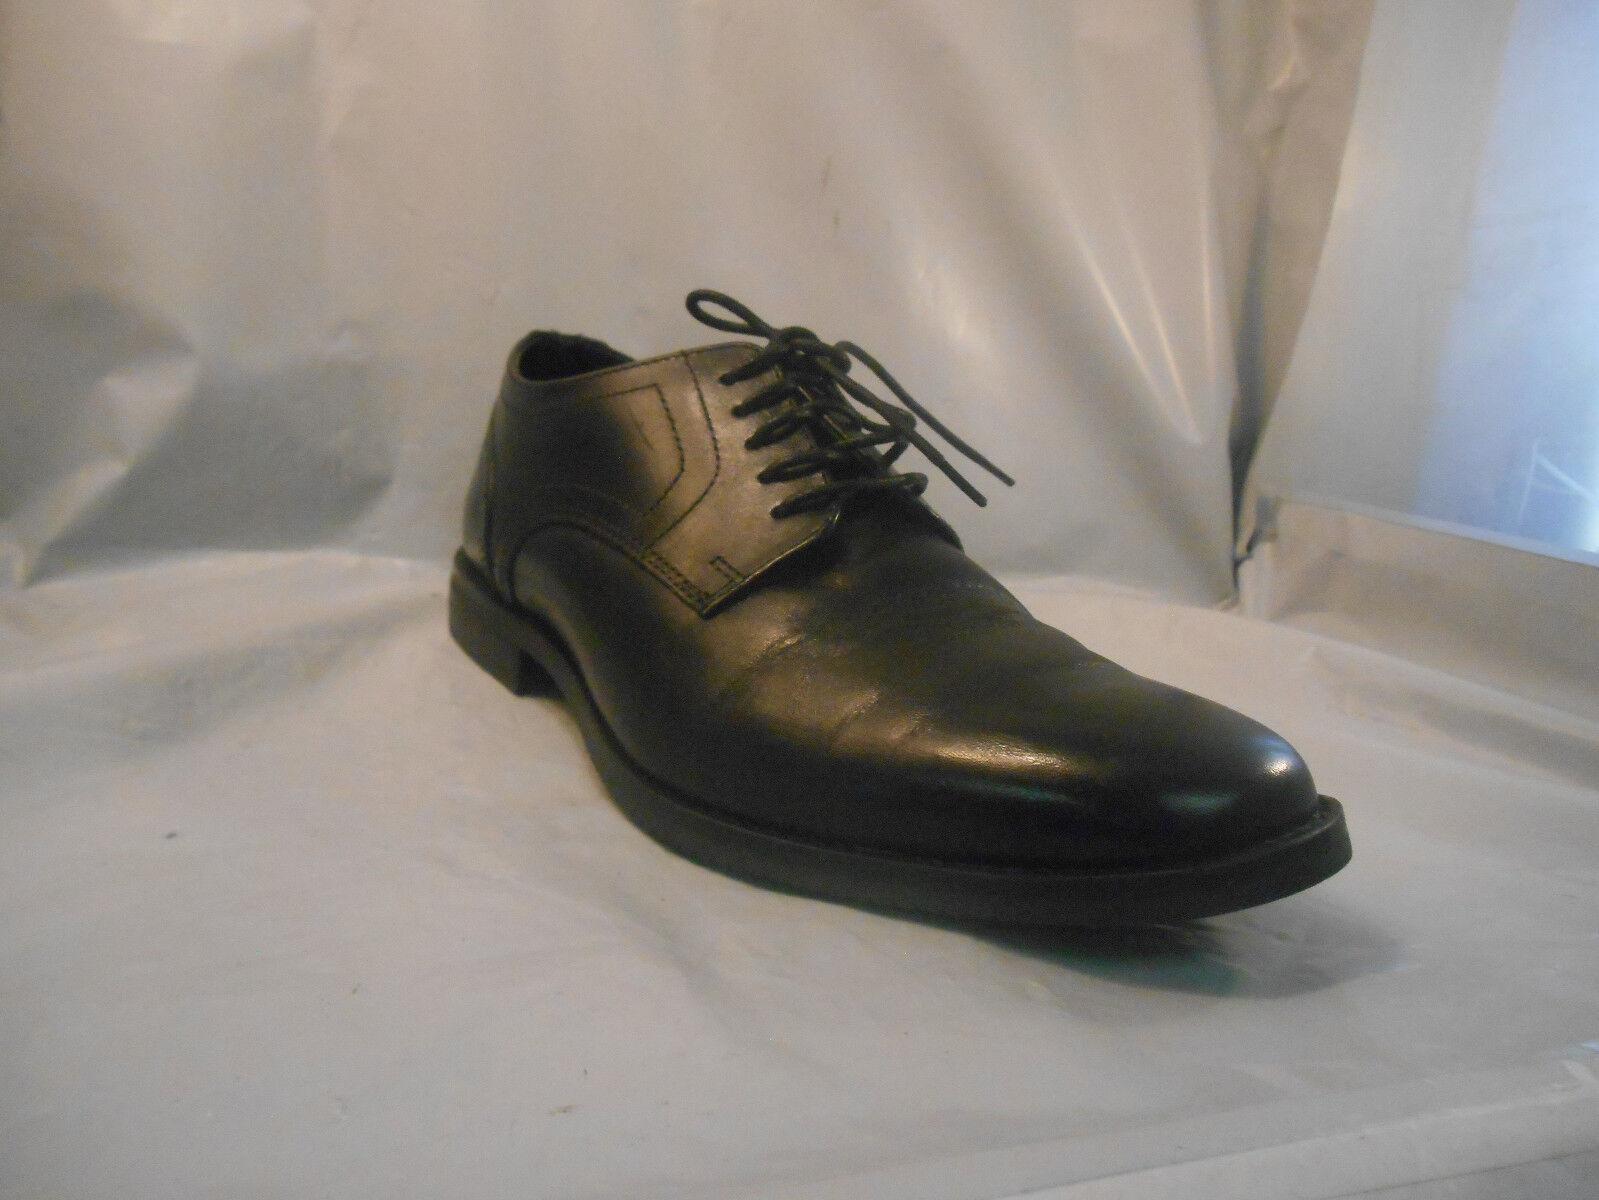 Rockport Black Leather Plain Toe Oxfords Men's Sz 8.5 M